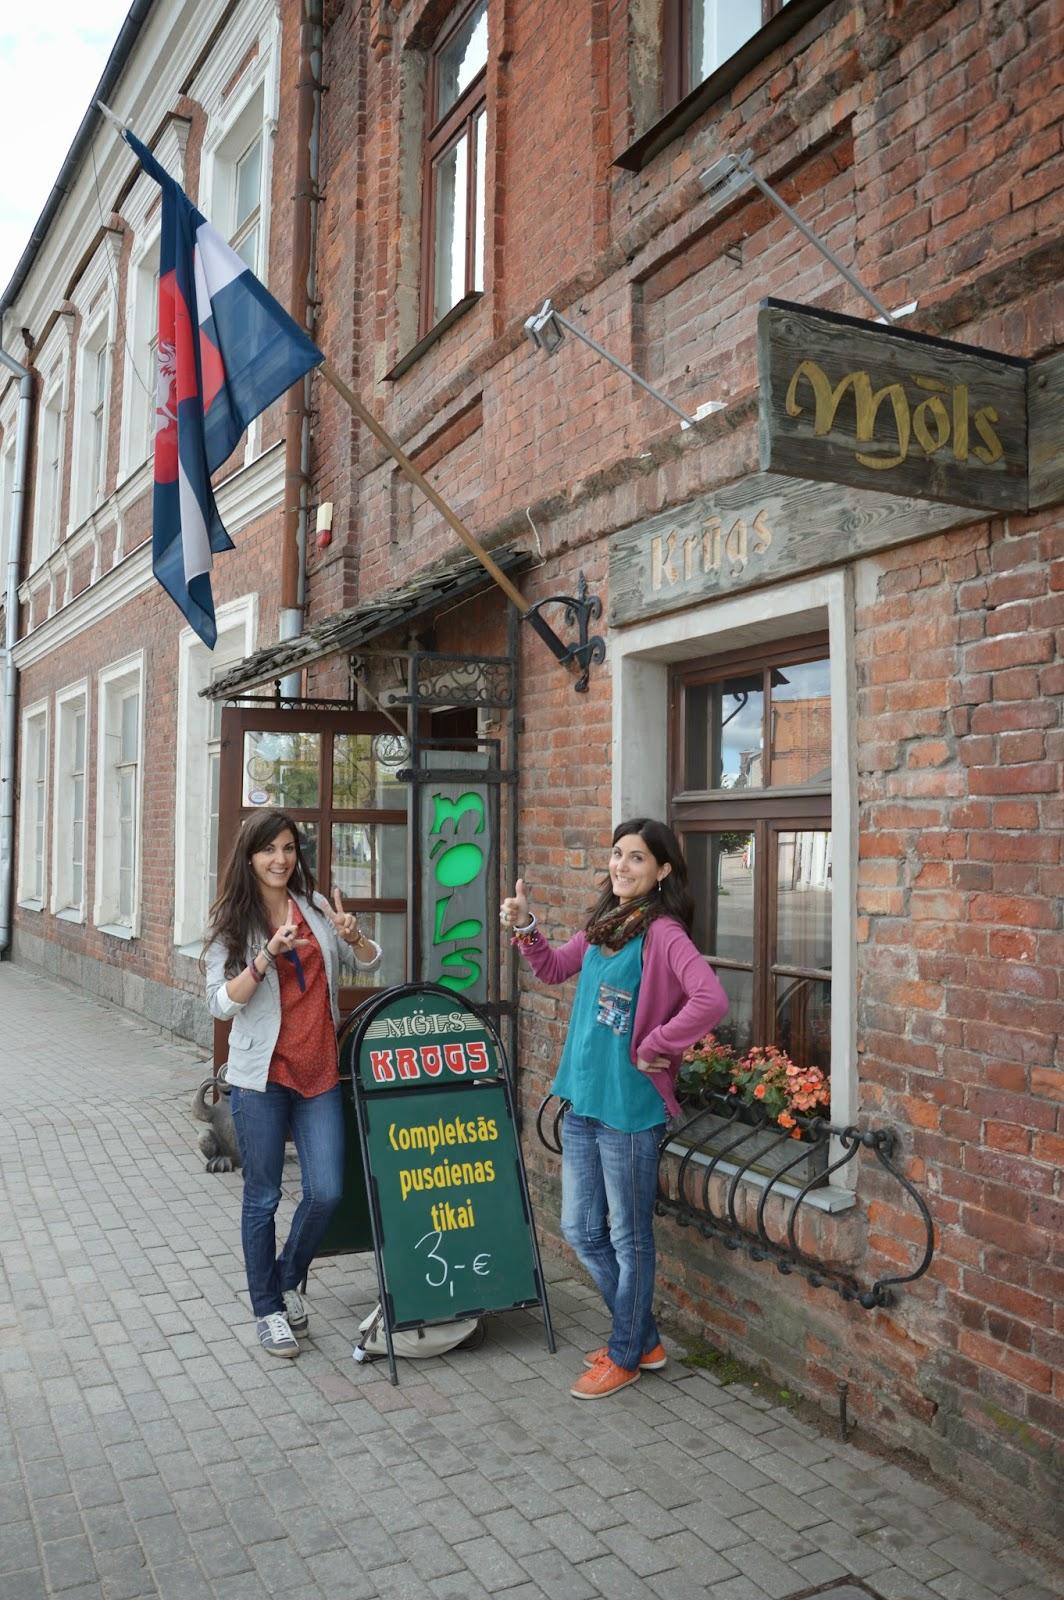 latgale street latvia